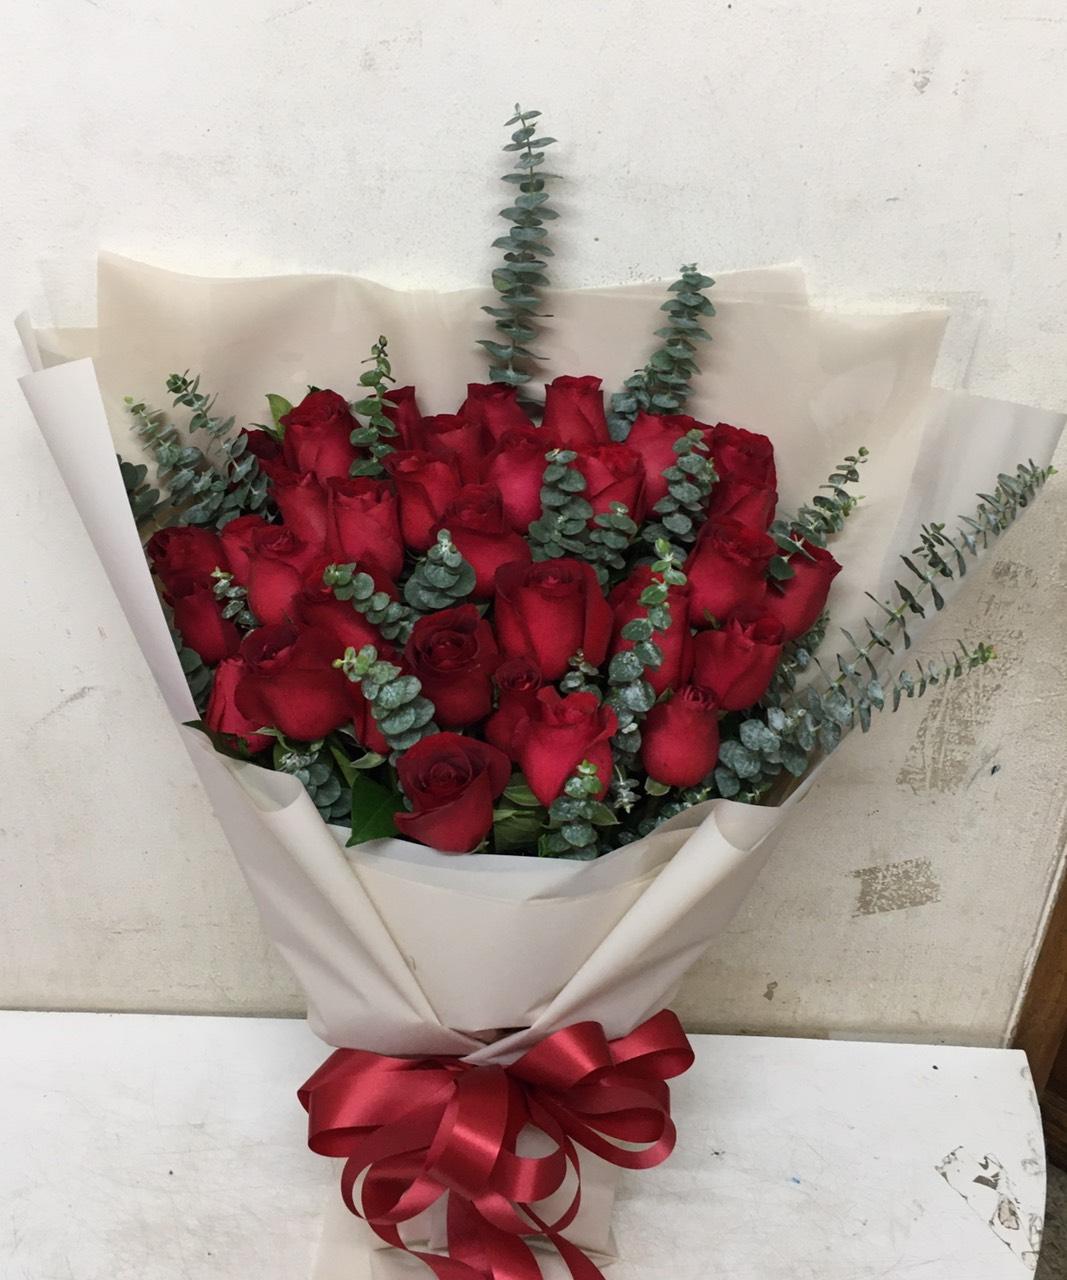 ช่อดอกกุหลาบแดง ช่อดอกไม้สุดโรแมนติก มอบให้ได้ในทุกวัน ไม่จำเป็นต้องในช่วงเทศกาลเพียงอย่างเดียว